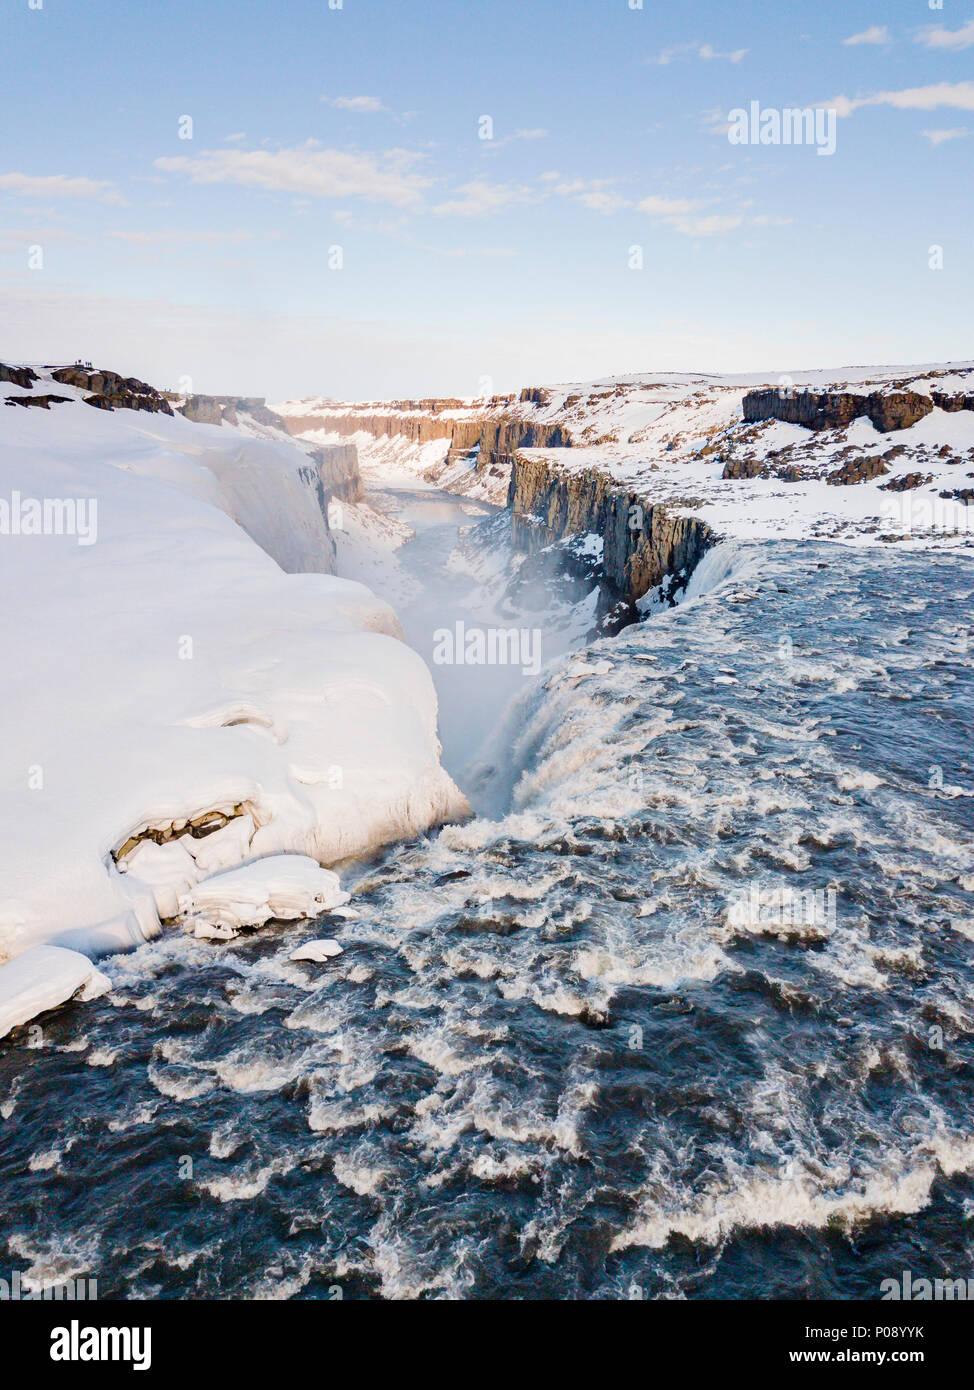 Vista aérea, un paisaje nevado, Gorge, cañón con caída de masas de agua, cascada de Dettifoss en invierno, en el norte de Islandia, Islandia Foto de stock